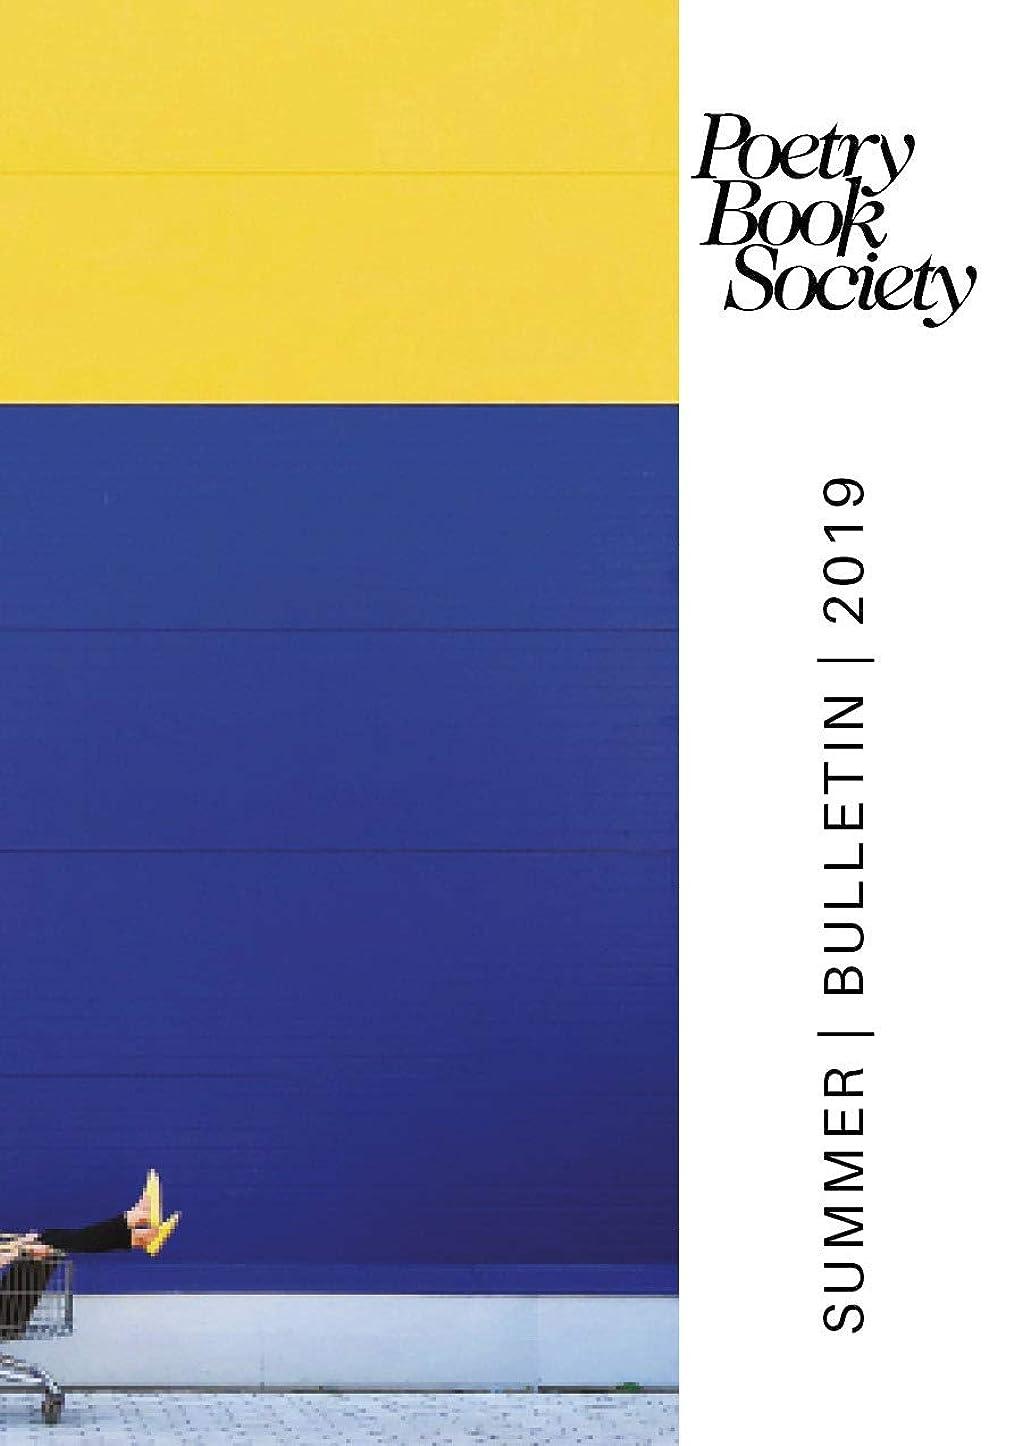 ブリード商標いらいらさせるPoetry Book Society Summer 2019 Bulletin (English Edition)